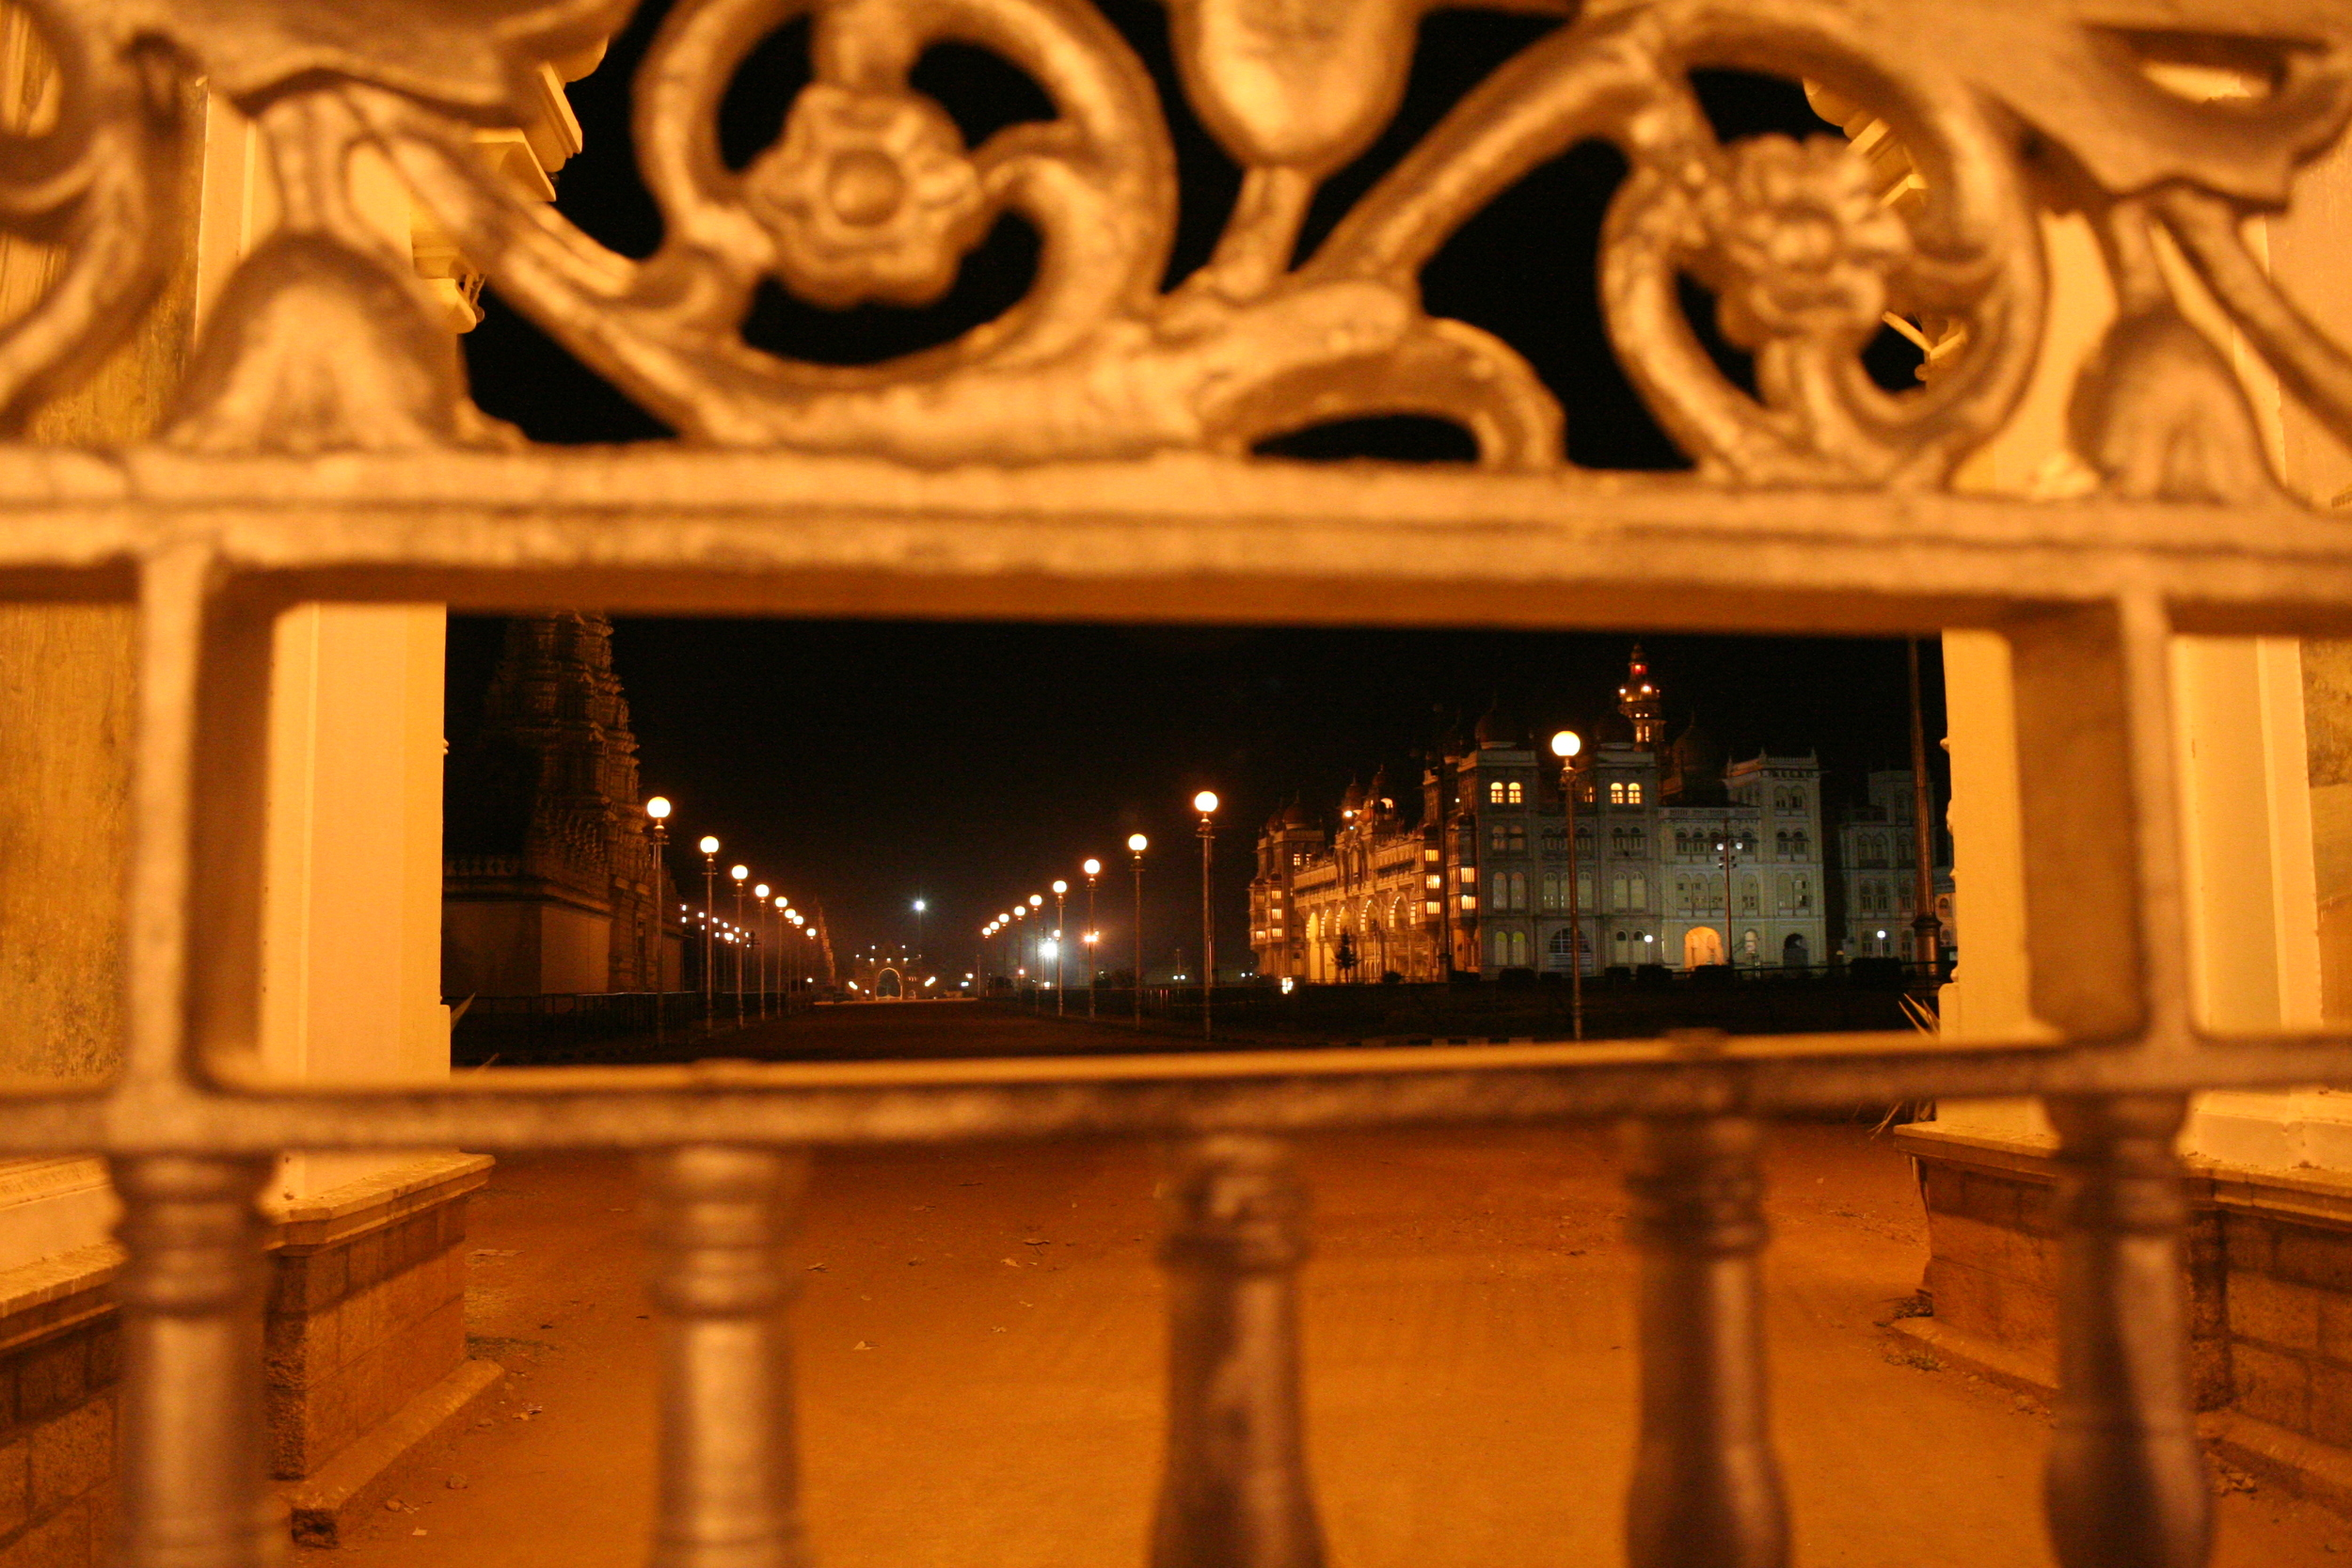 Fotografieren verboten! 4,2 Millionen Rupien soll der Maharaja Palast gekostet haben, als er 1912 erbaut wurde. Auf dieser Seite des goldenen Tors säumen Bettler den Strassenrand. Foto: Irene Mazza, Mysore, Indien